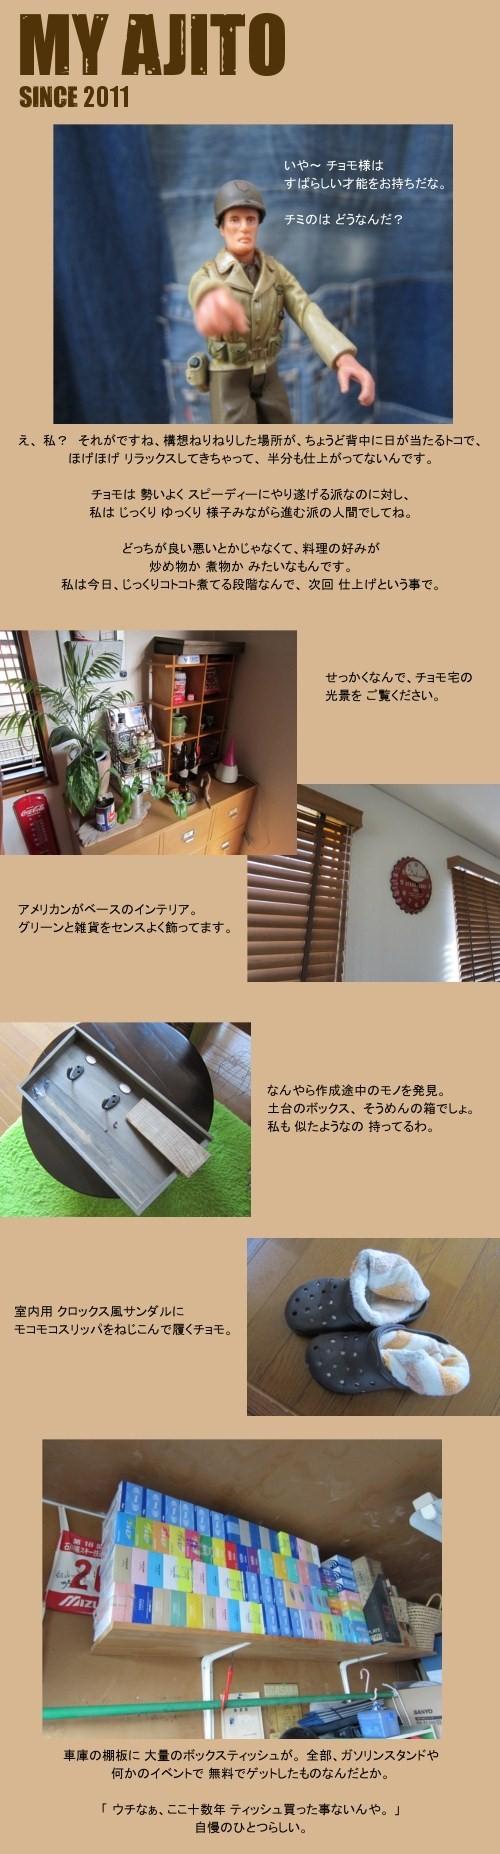 chomo_deni_05.jpg